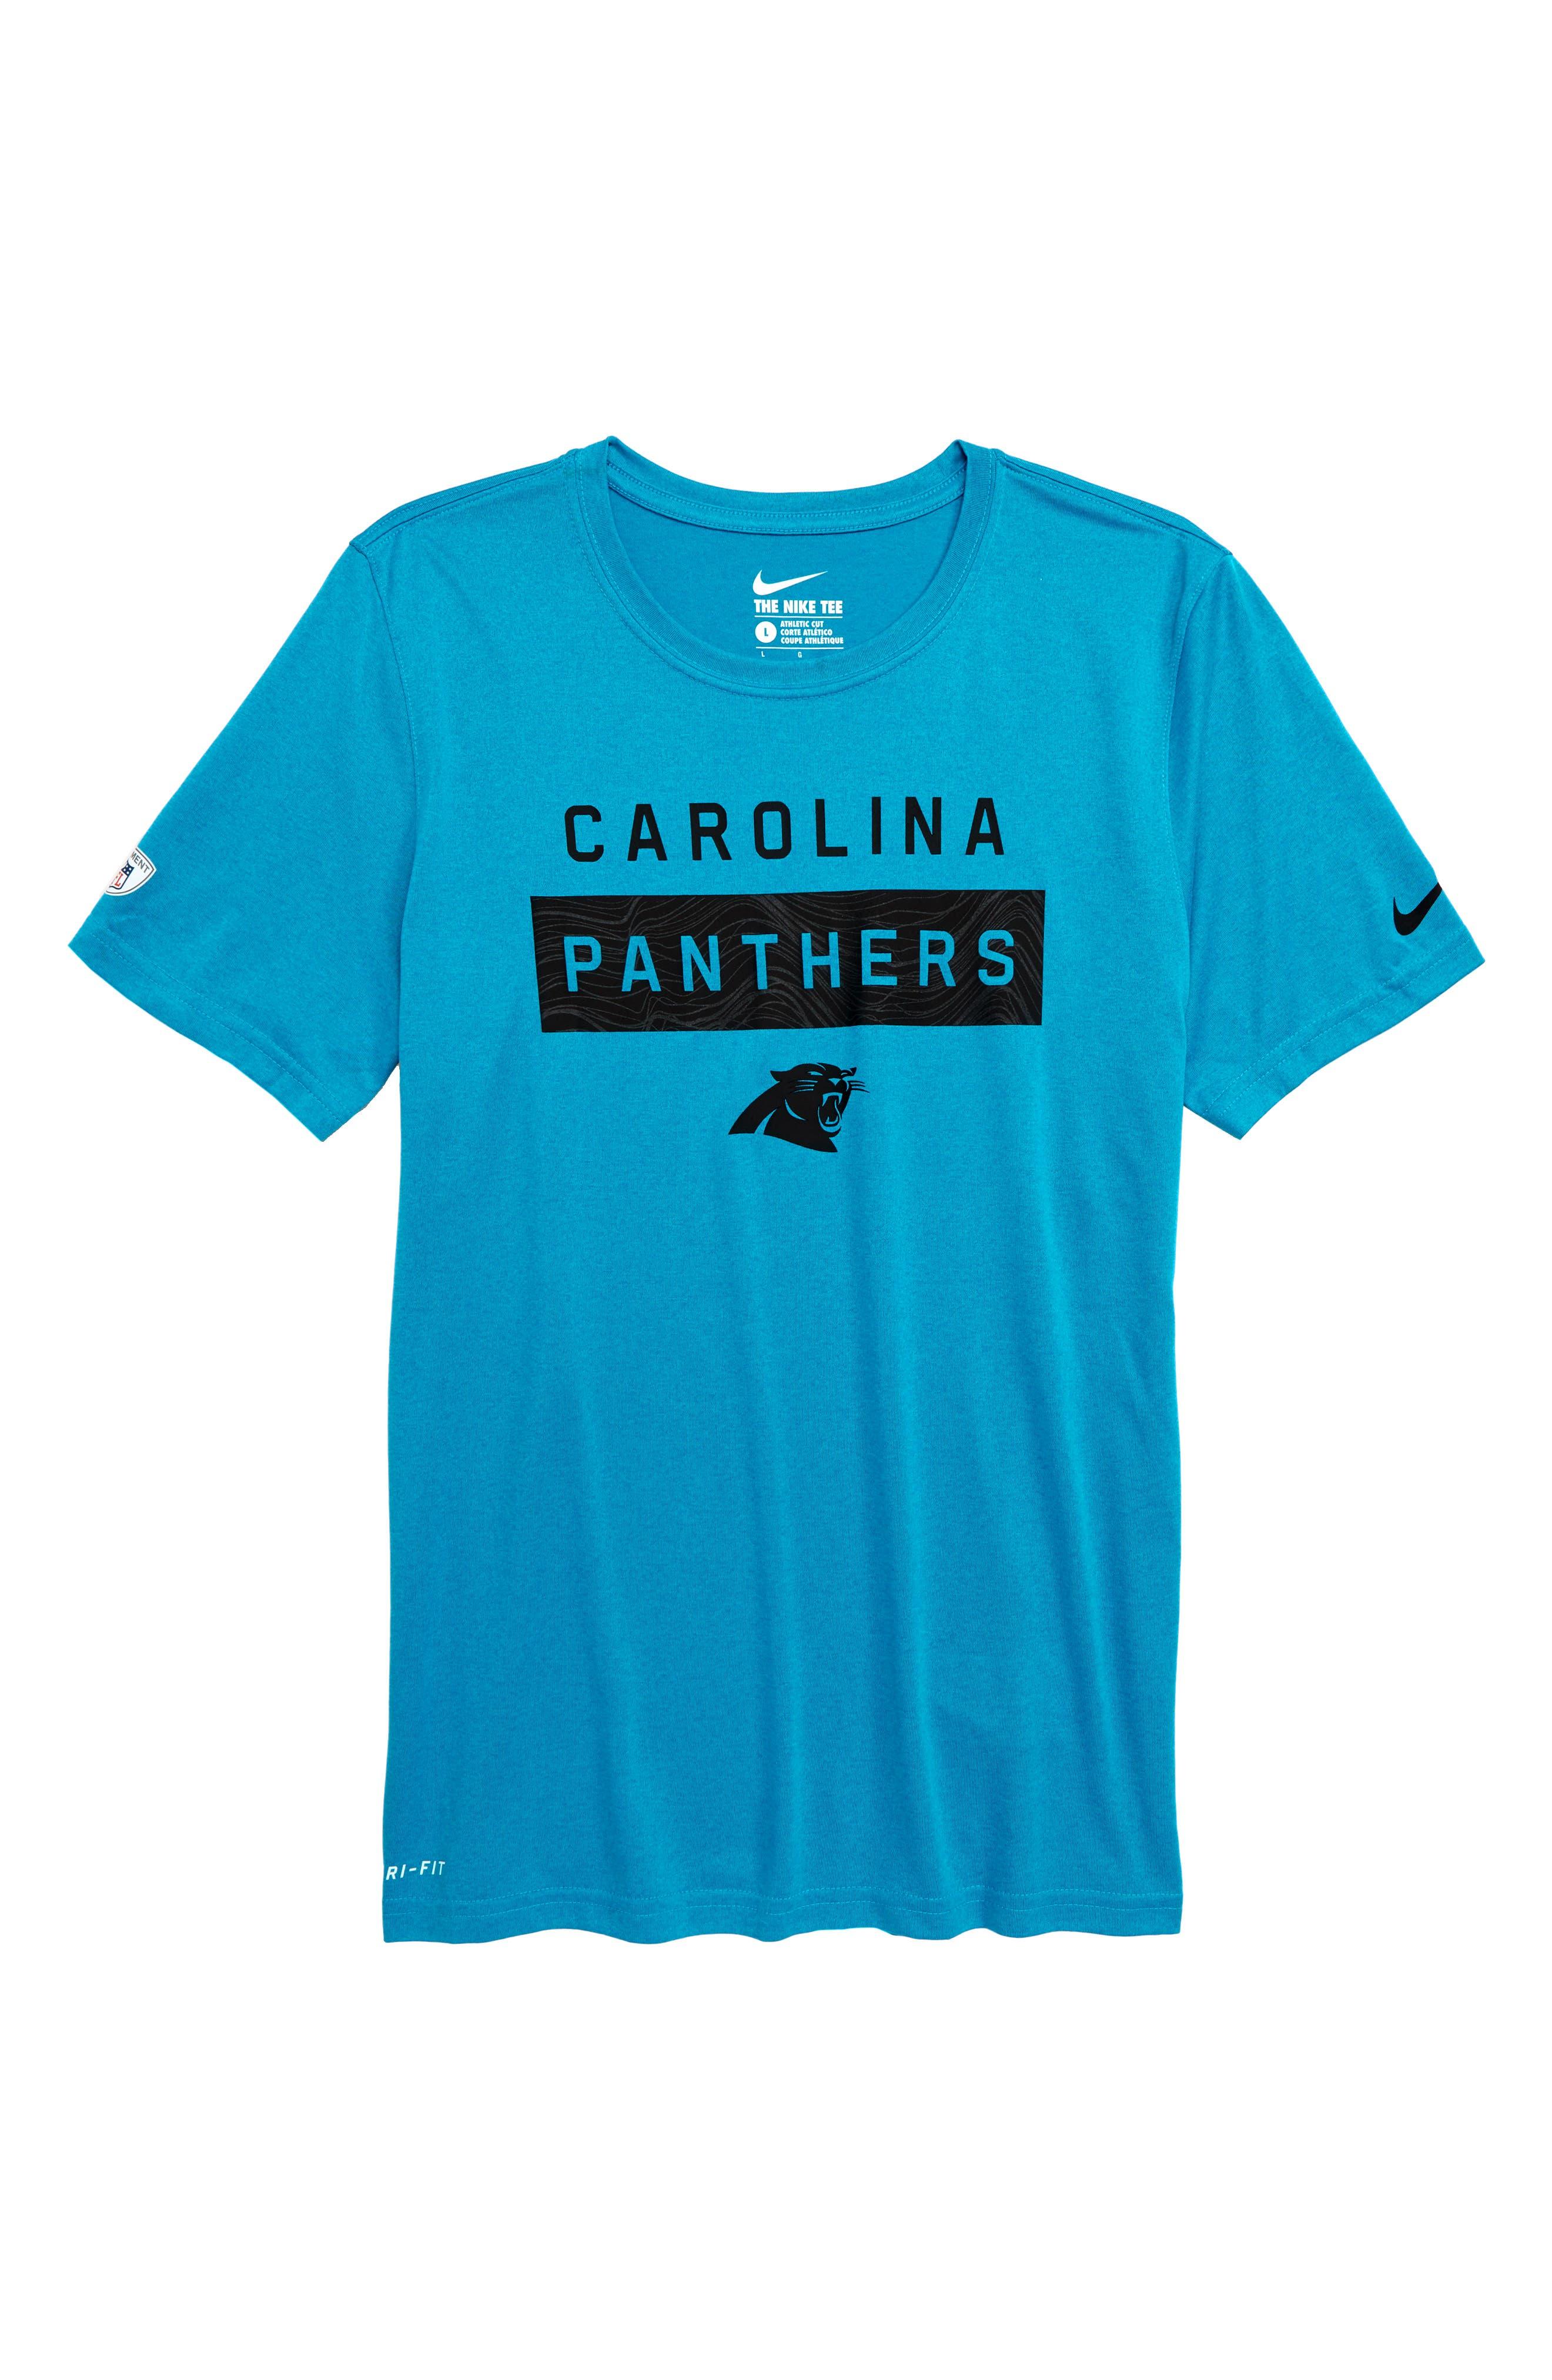 boys carolina panthers shirt